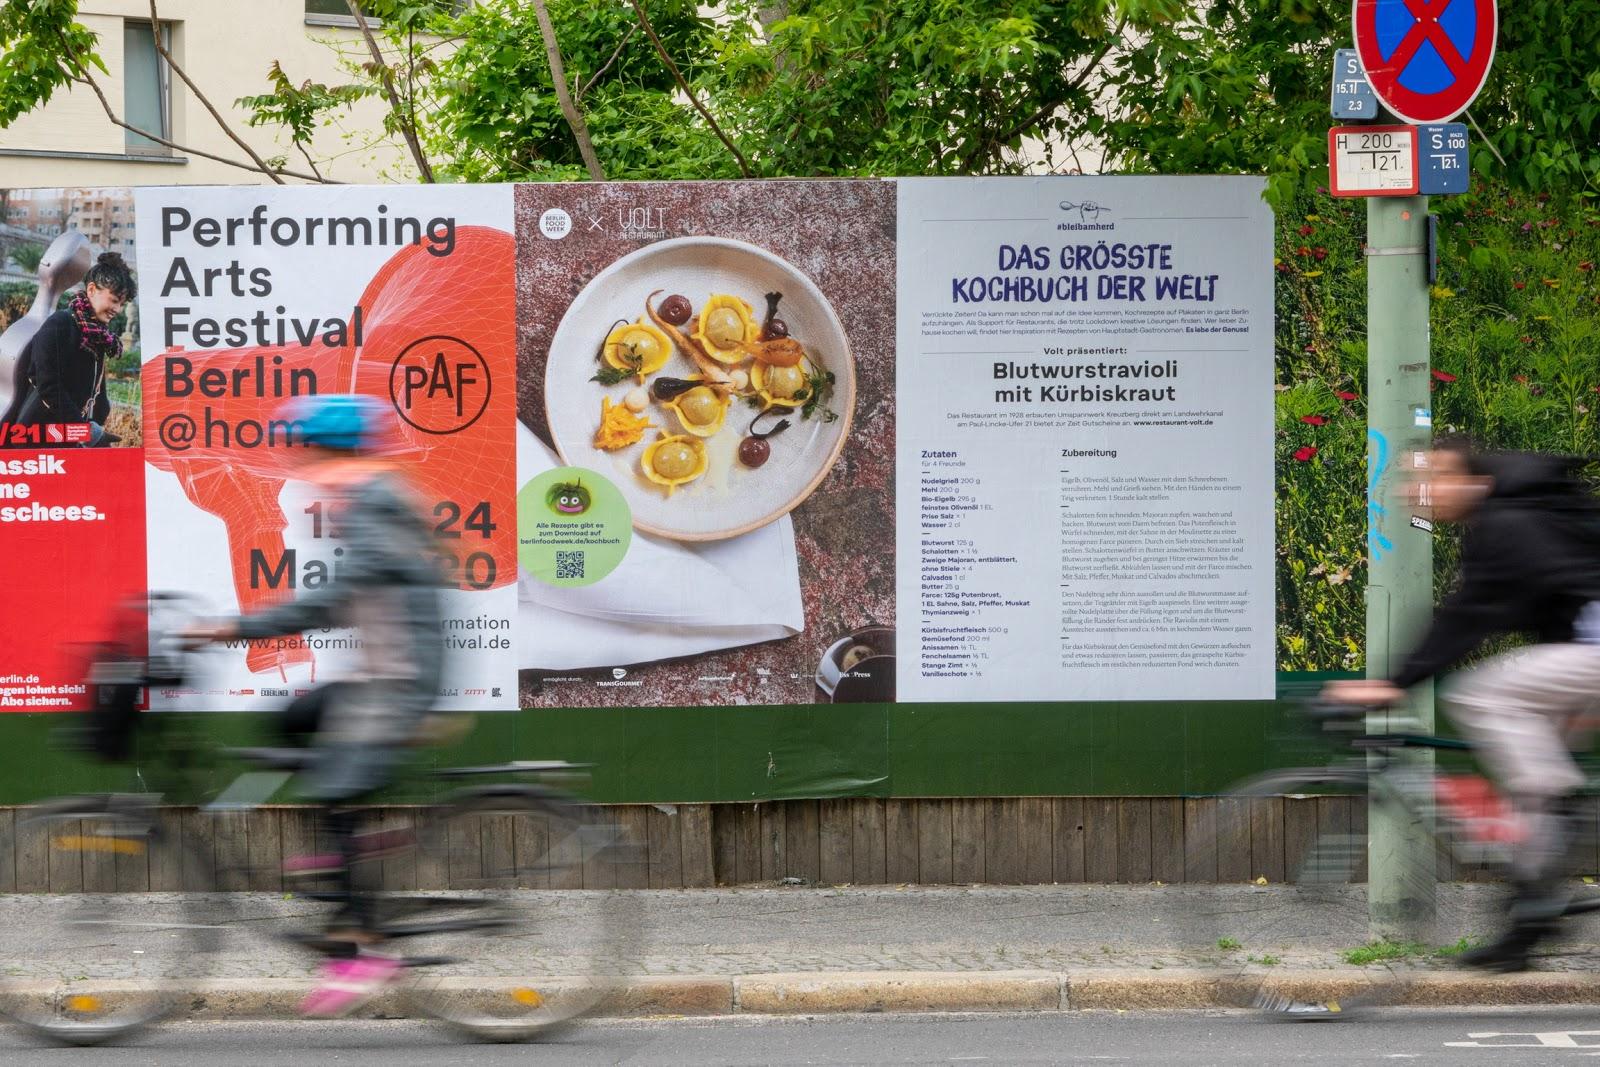 """Berlin Food Week präsentiert """"das Größte Kochbuch der Welt"""" in der Hauptstadt"""